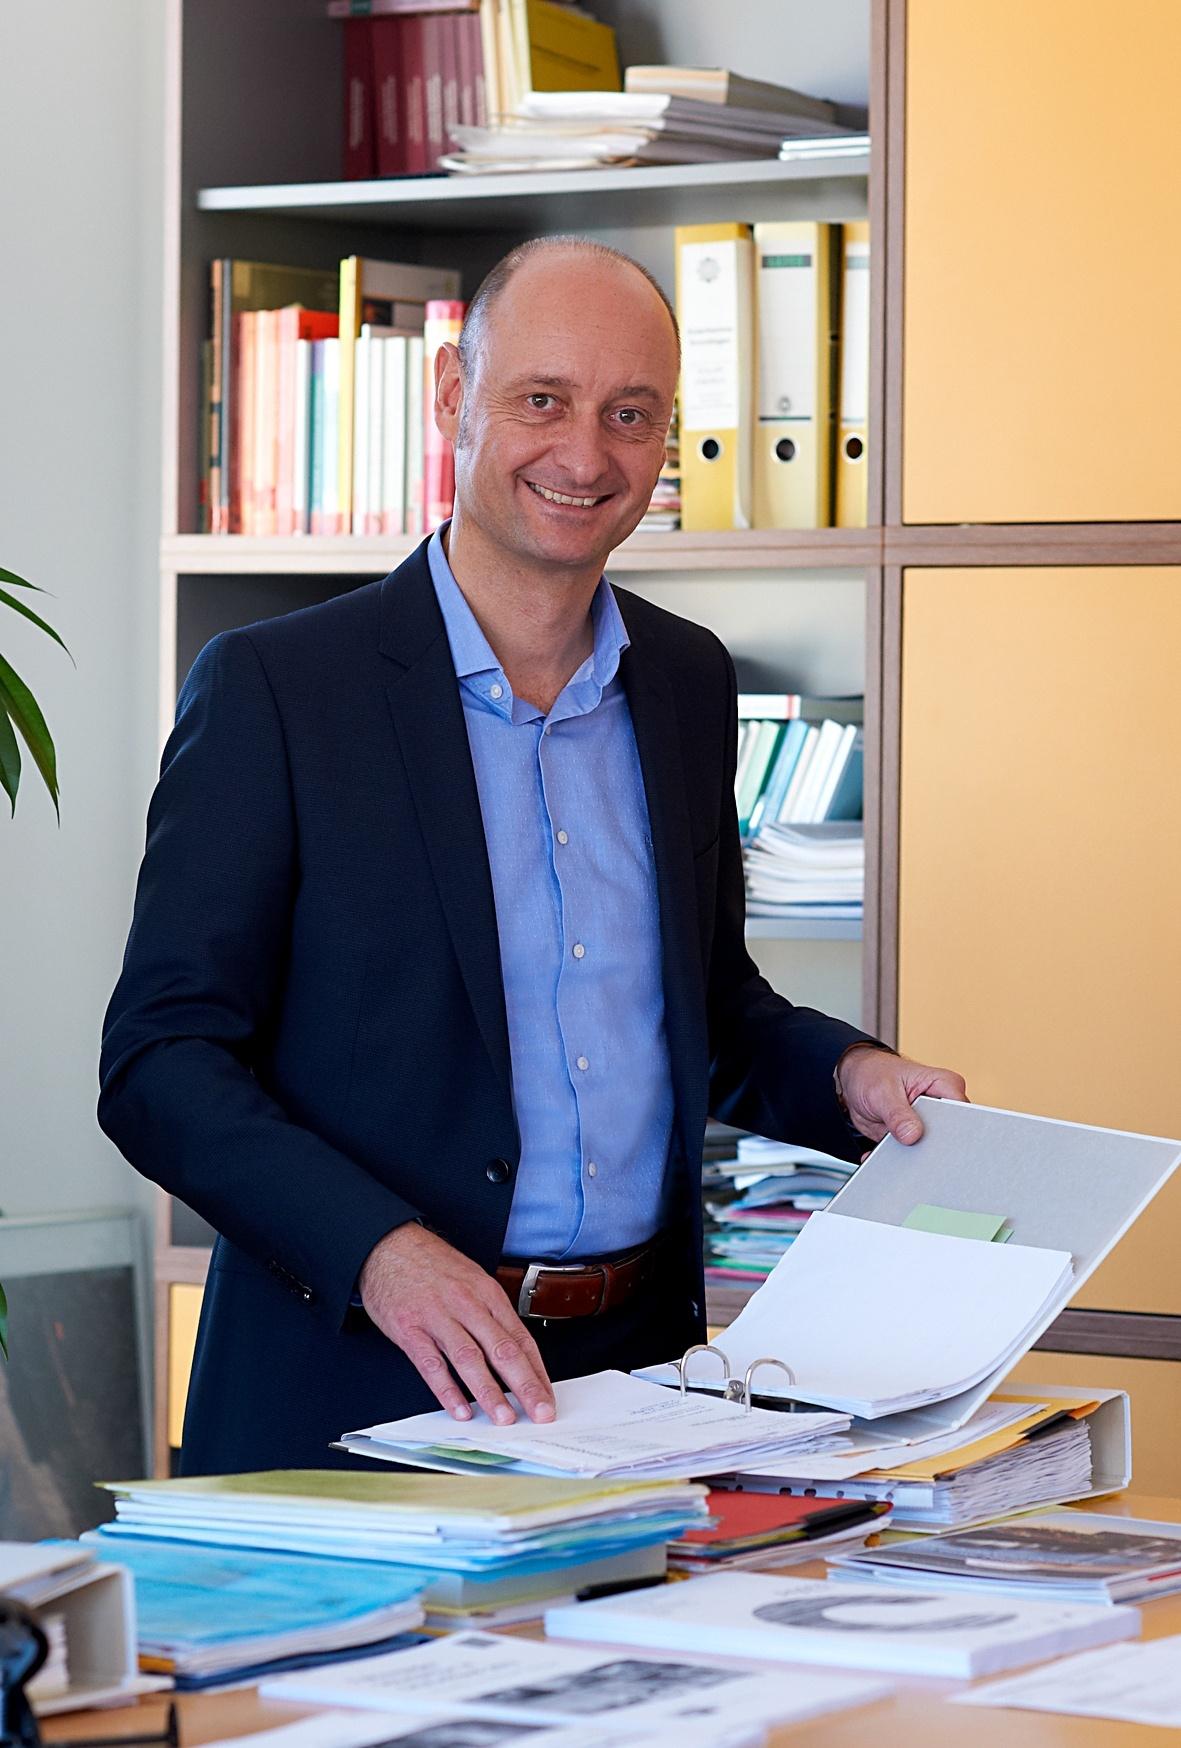 eta Energieberatung - Leitung Vertrieb Herr Barck